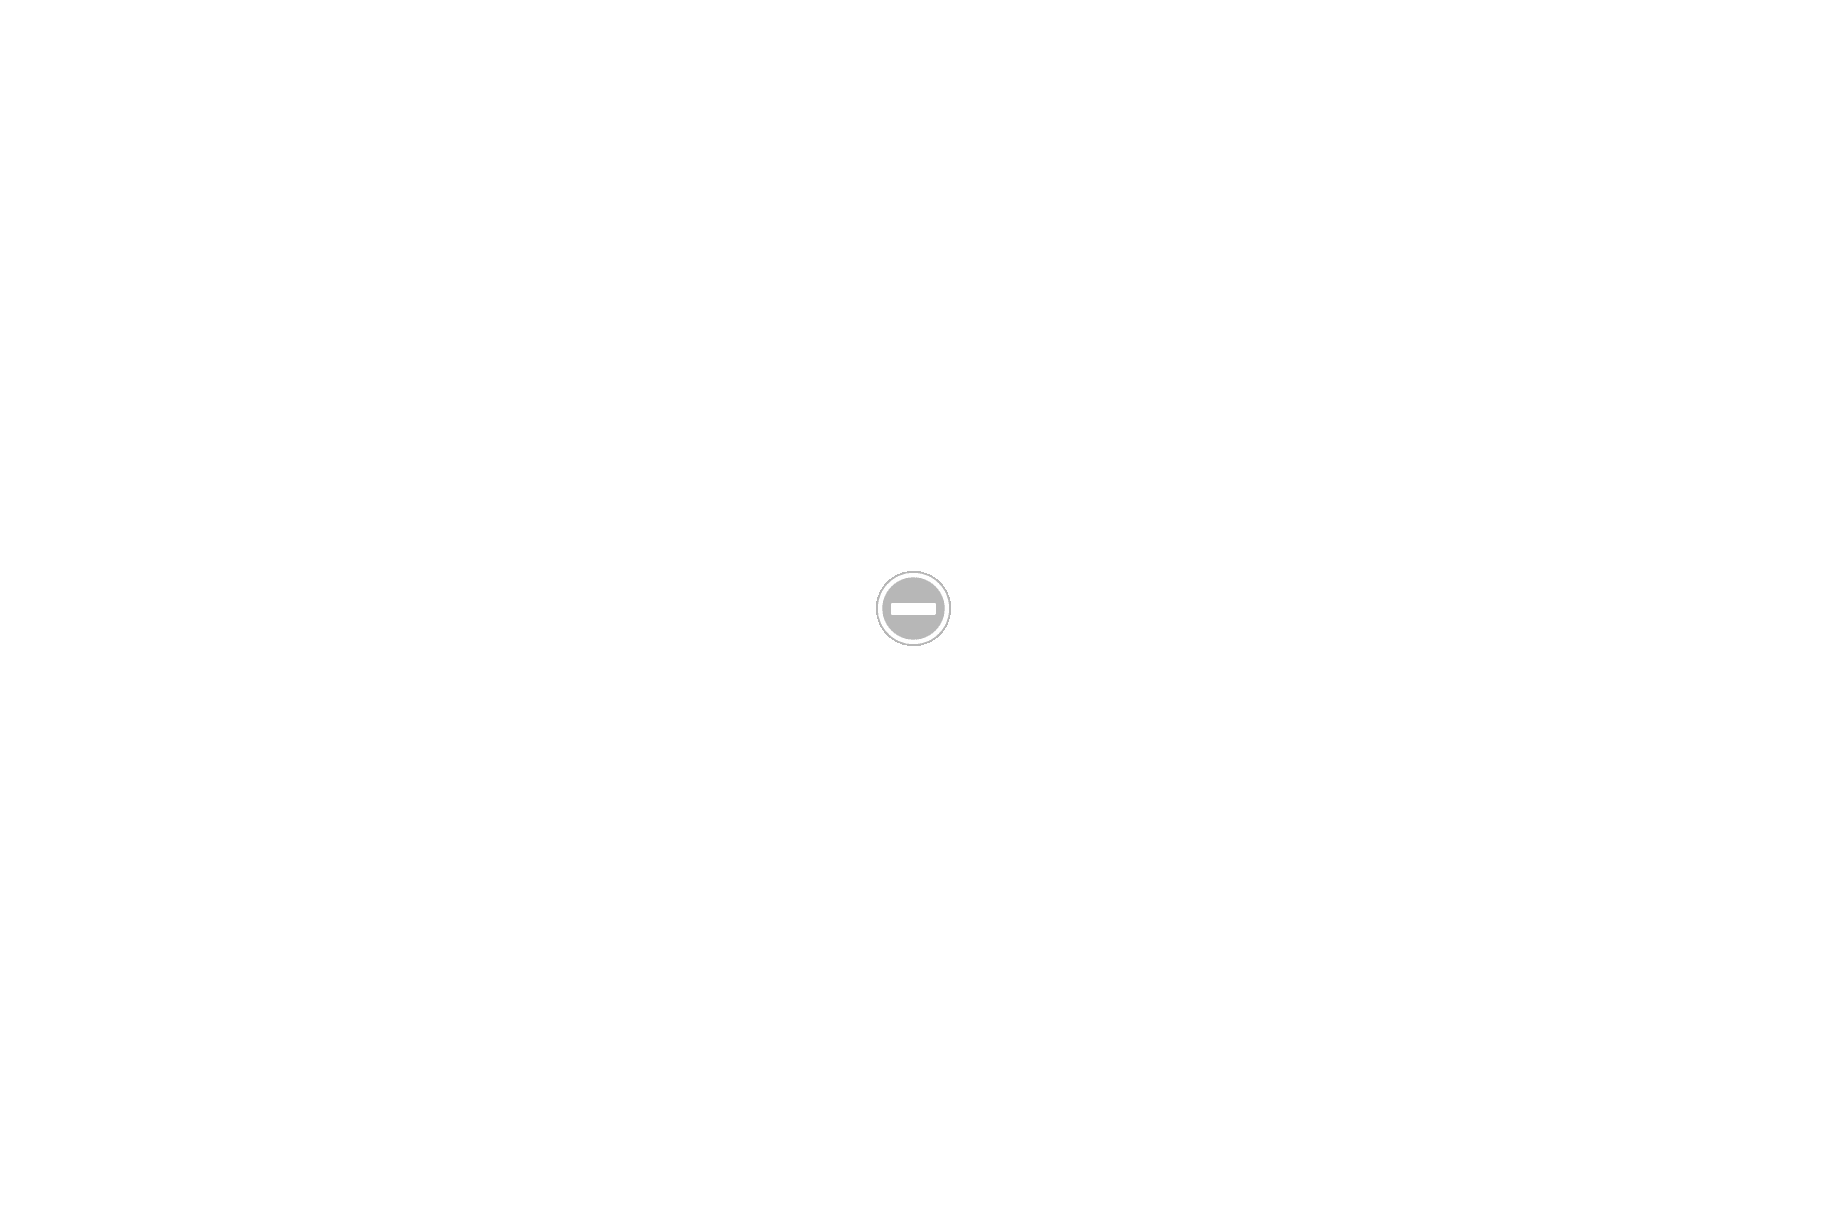 อบรมการใช้งานห้องเรียนอินเตอร์แอคทีฟ และห้องเรียนออนไลน์